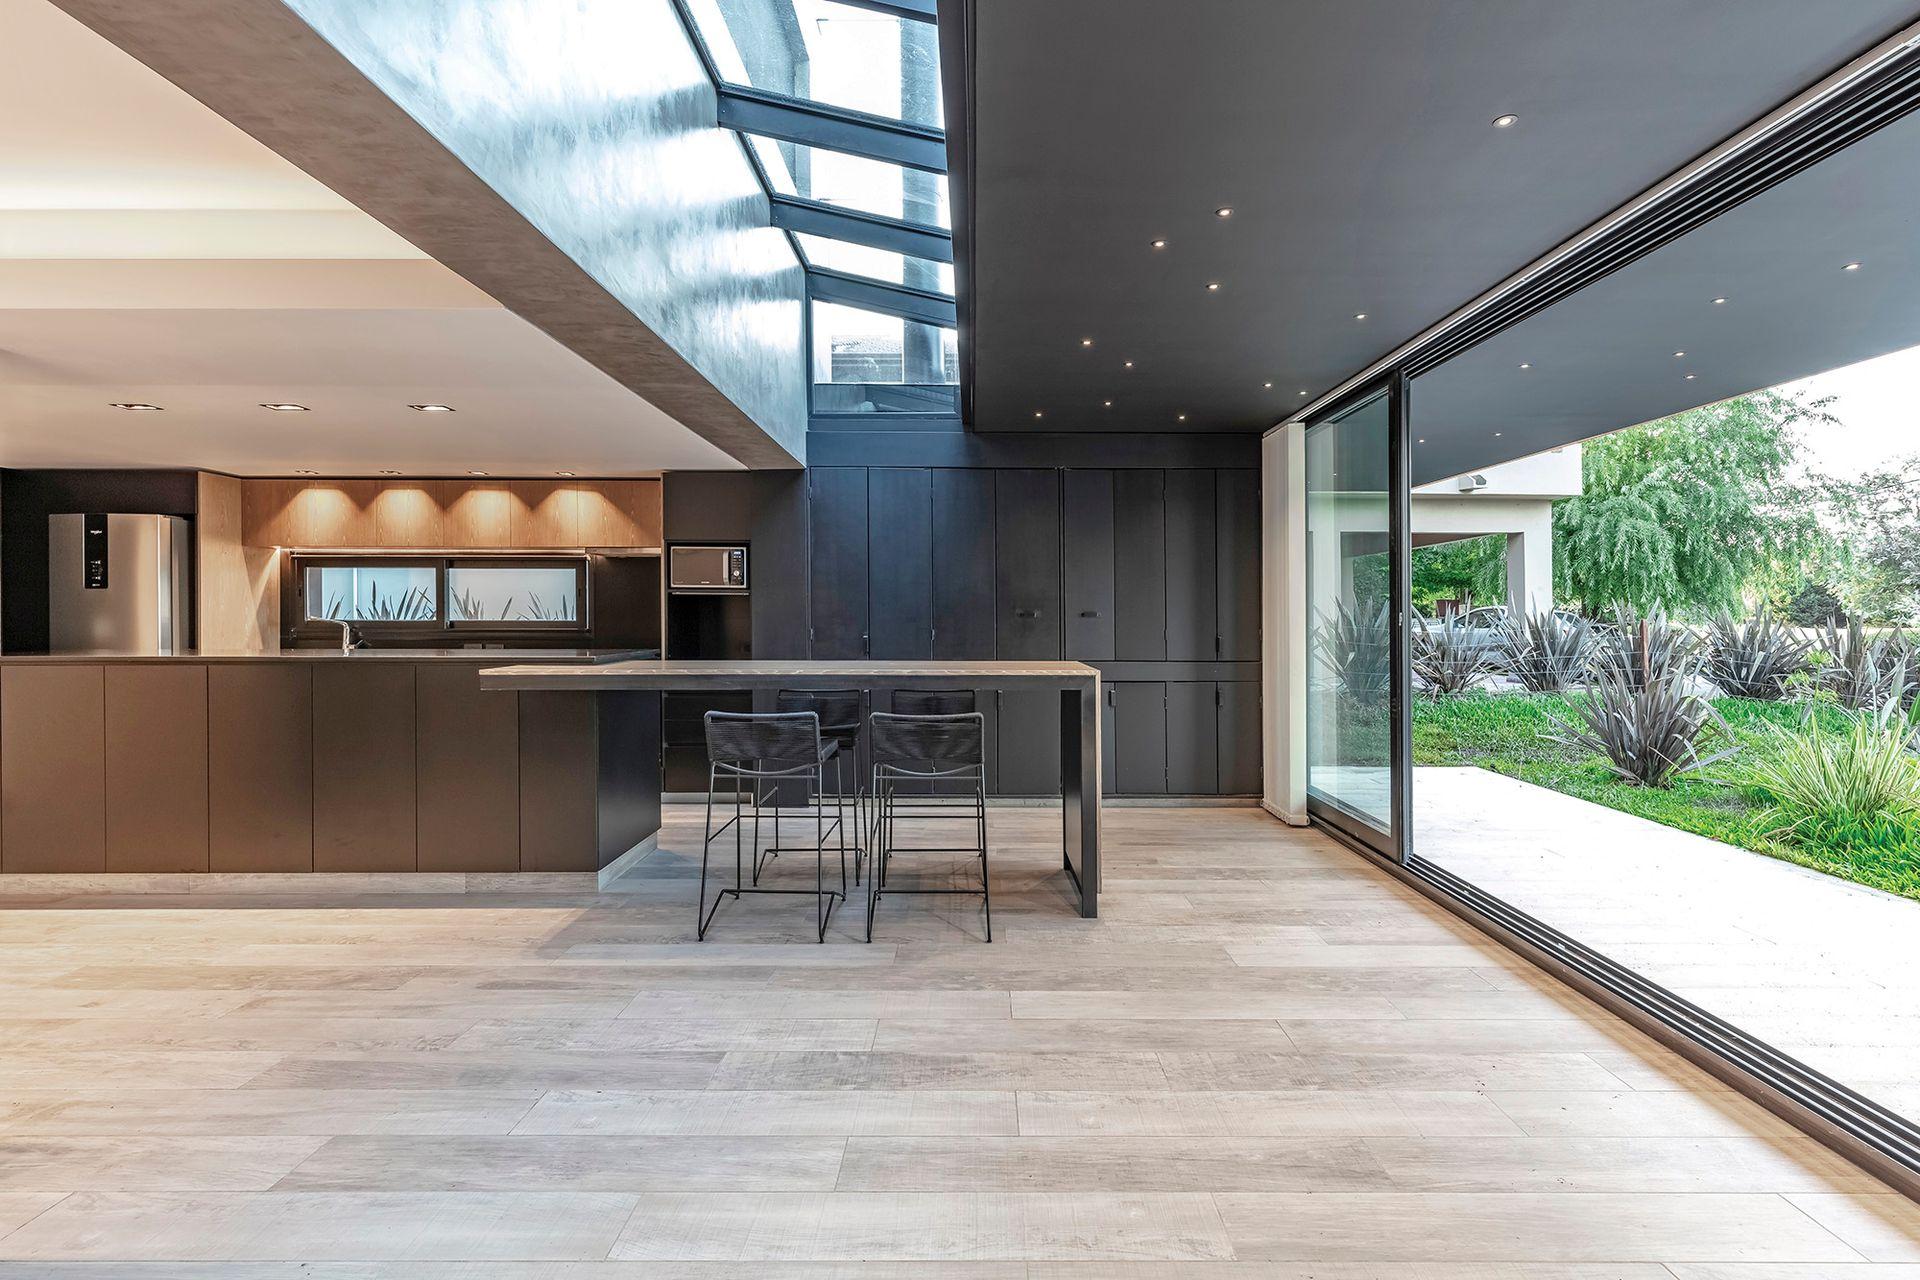 La isla se entendió como el centro neurálgico de la planta baja, donde se cocina y suceden las comidas en familia. Por eso, la pieza es dinámica y tiene un plus de diseño, que combina más de un material.